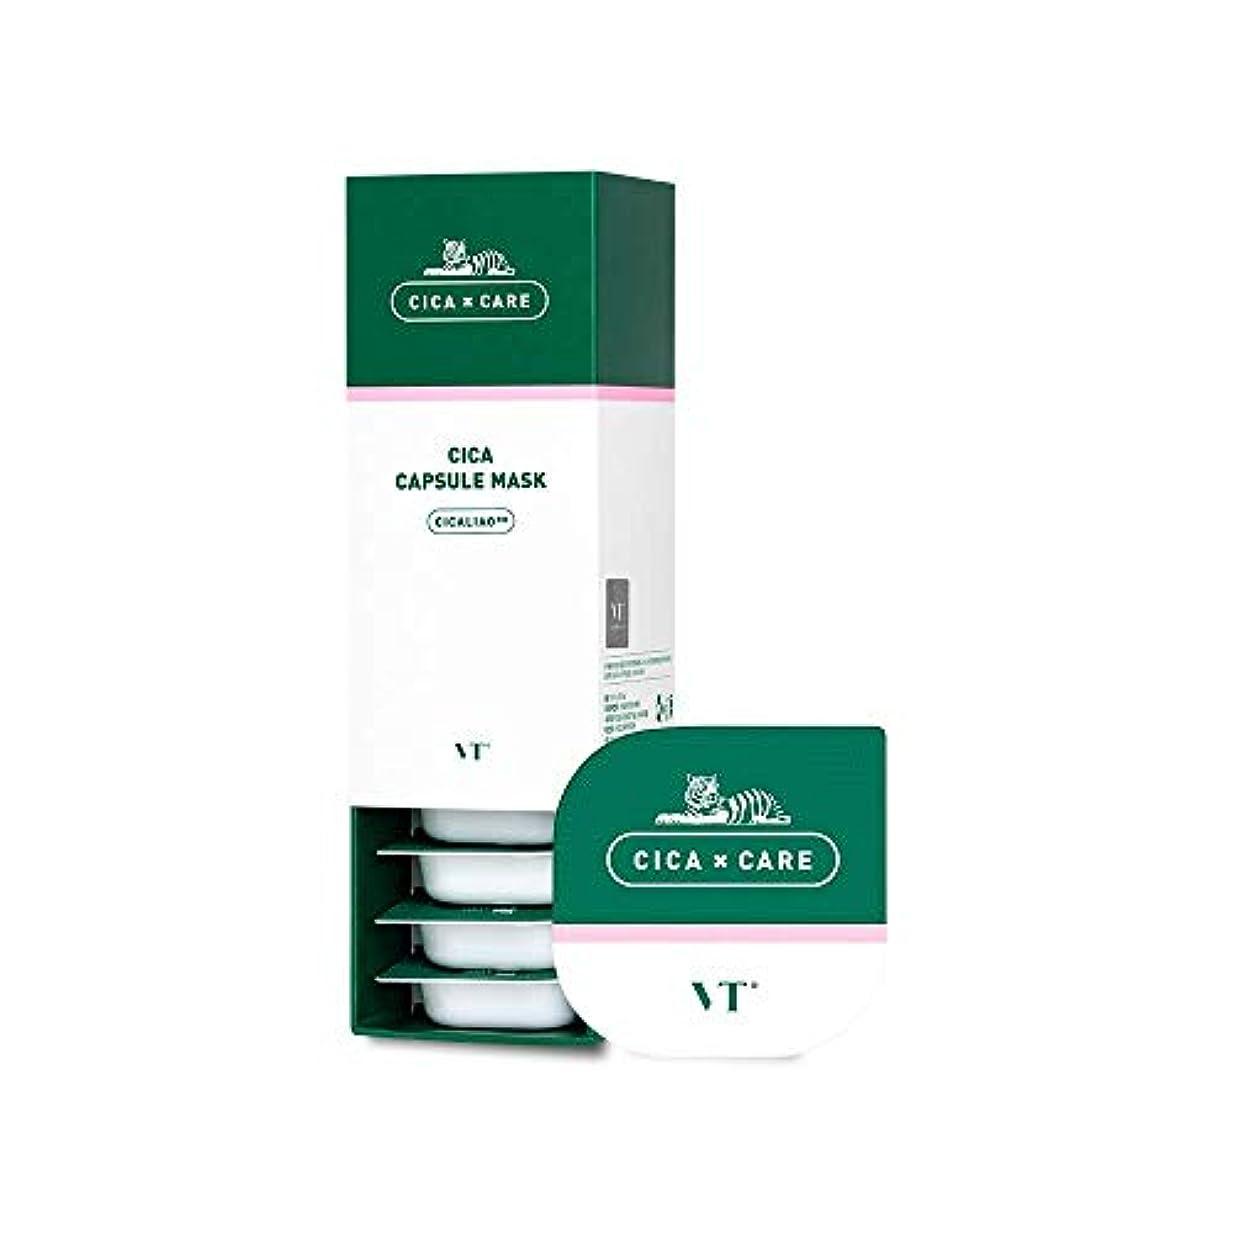 事業内容活力匿名VT COSMETICS?VT シカカプセルマスク 10g×10個 / VT CICA CAPSULE MASK 10g×10EA